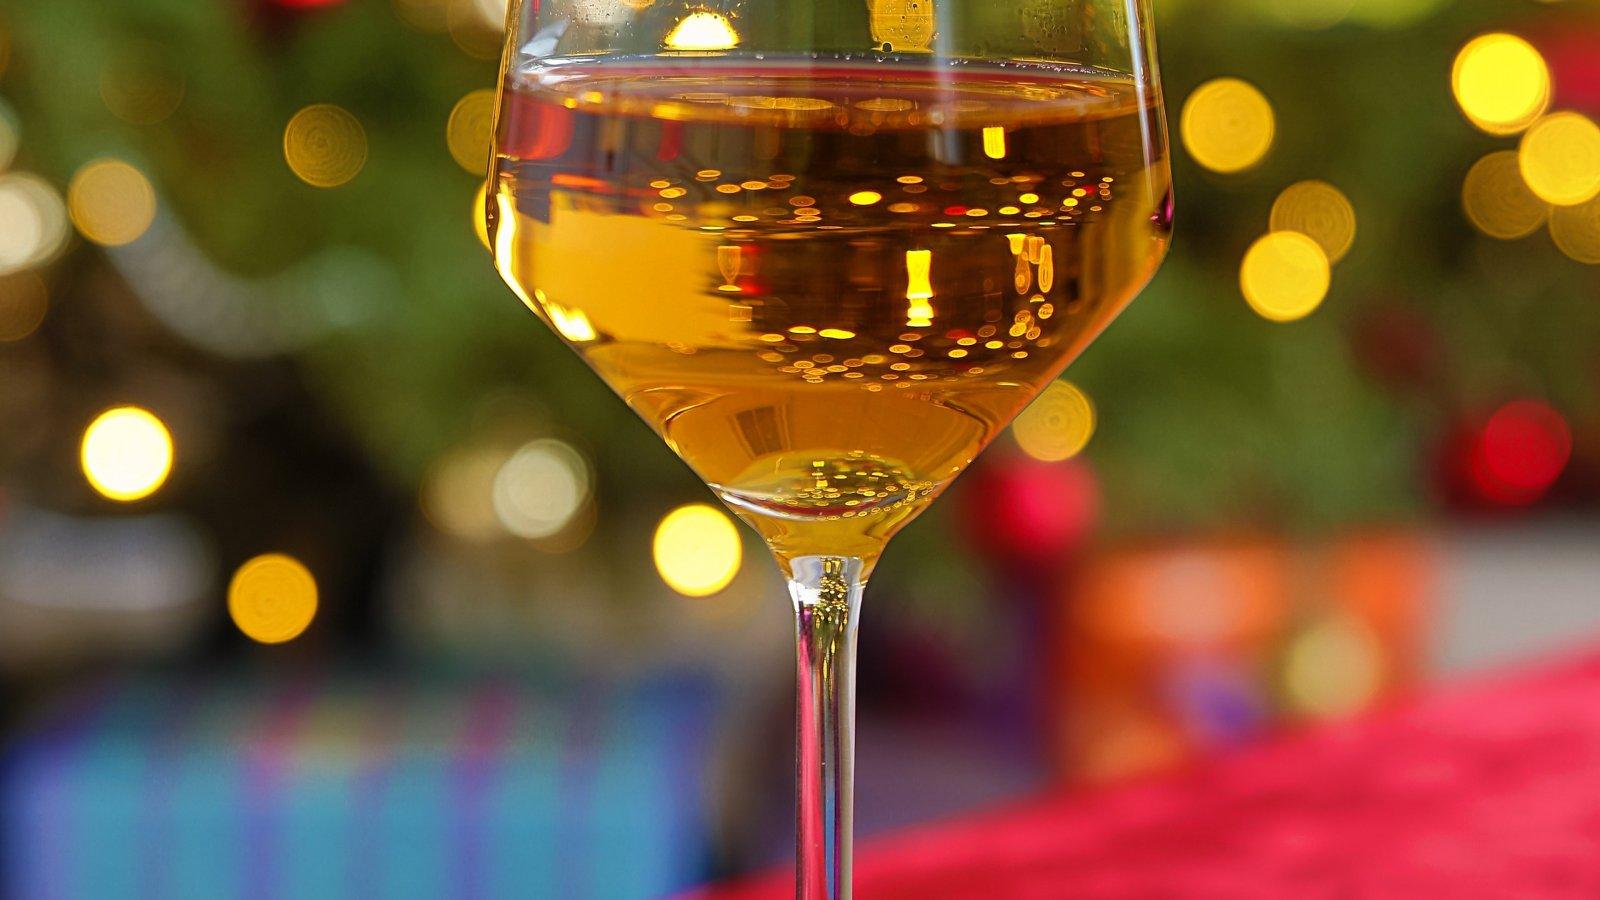 Essen_und_Trinken_Bilder/0H4A1847_1d.jpg